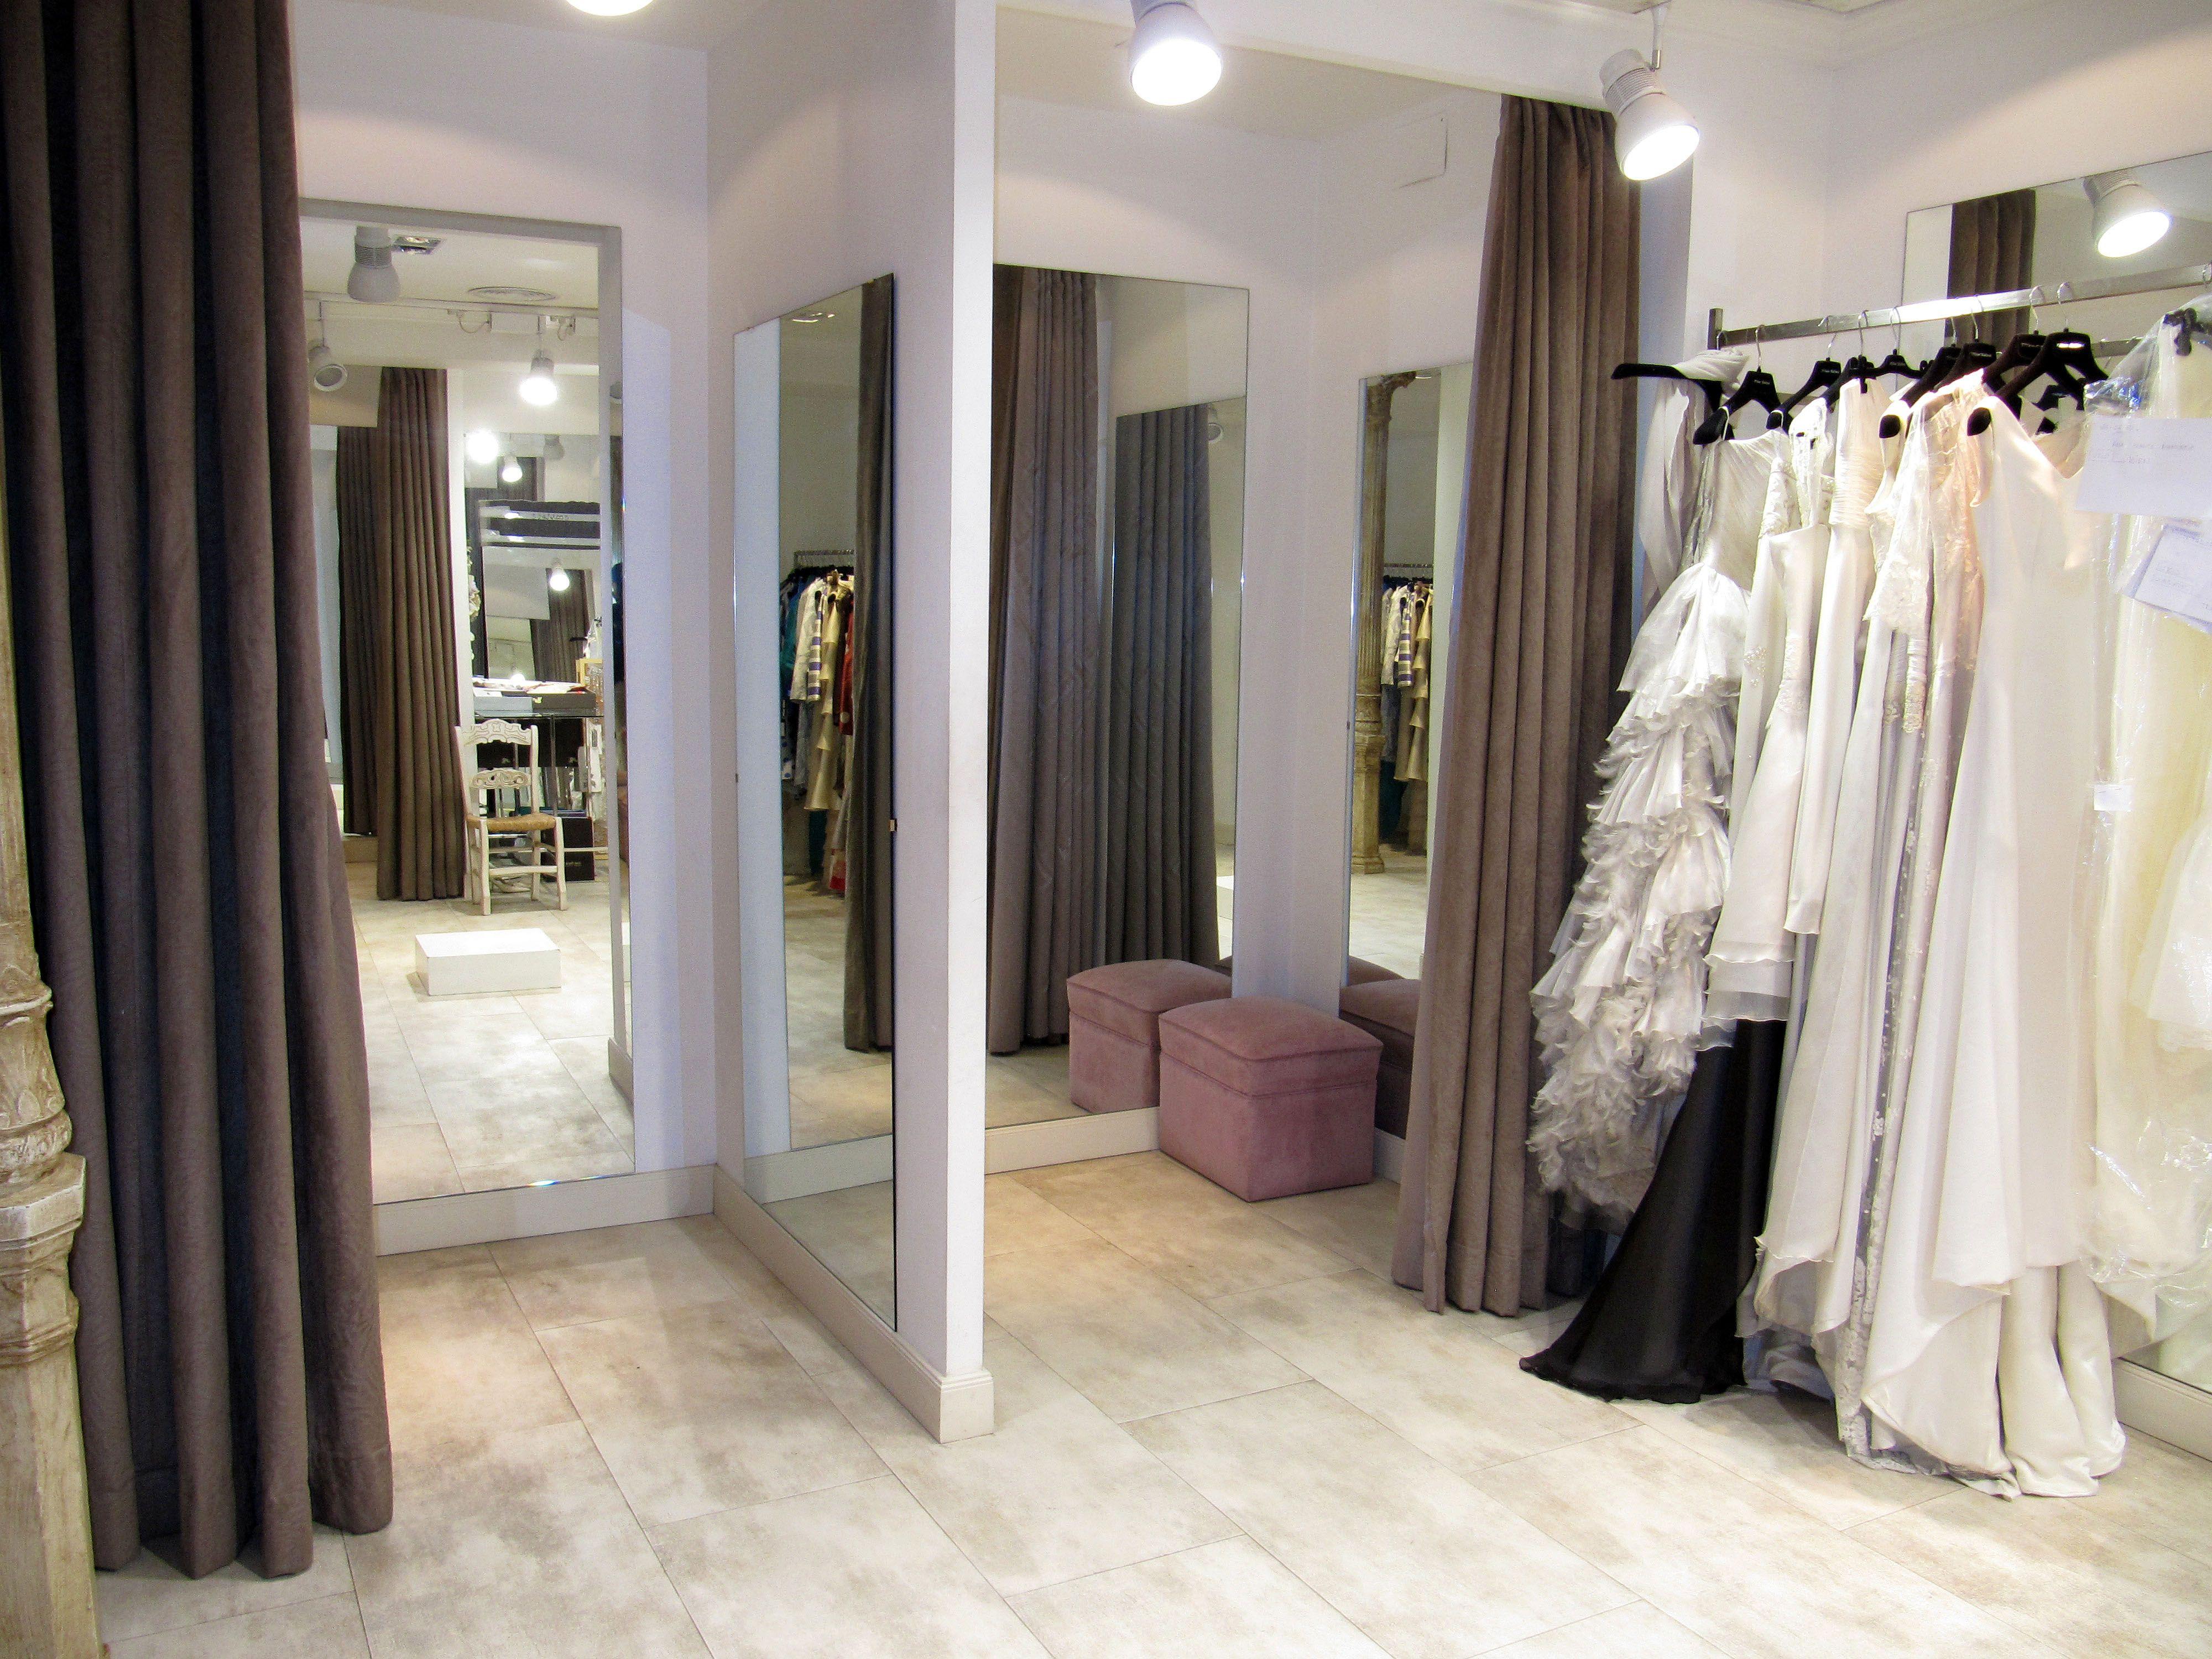 Probadores dise o interior tiendas pinterest for Probadores de ropa interior